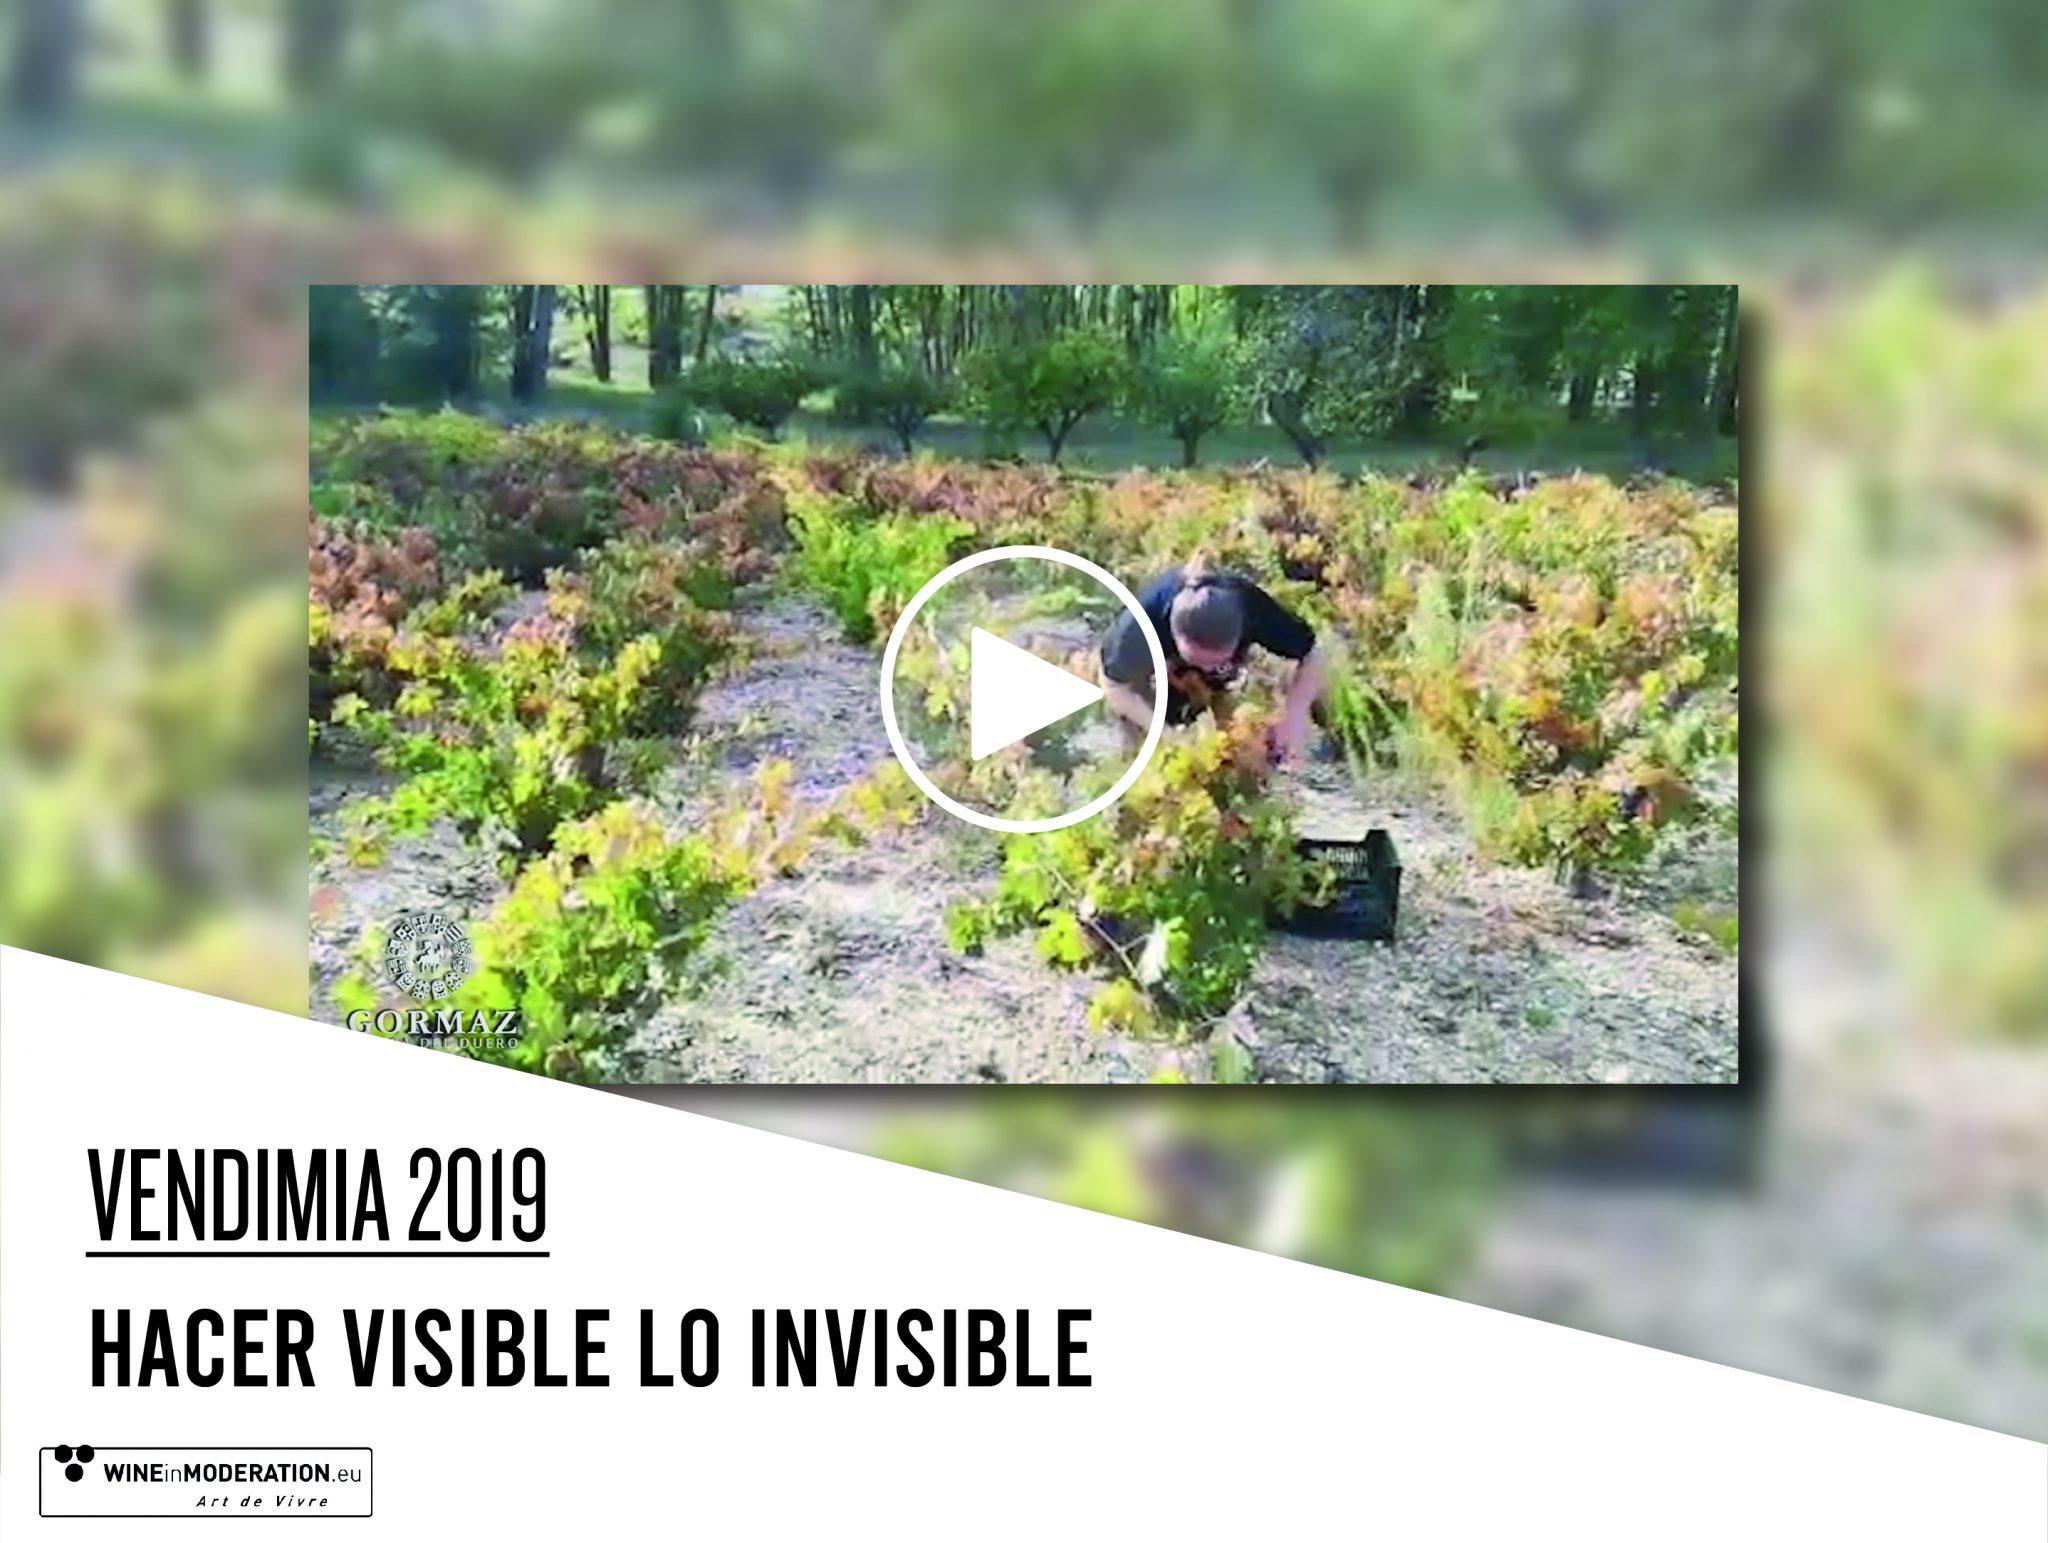 Hacer visible lo invisible: 12 Linajes Grano a Grano